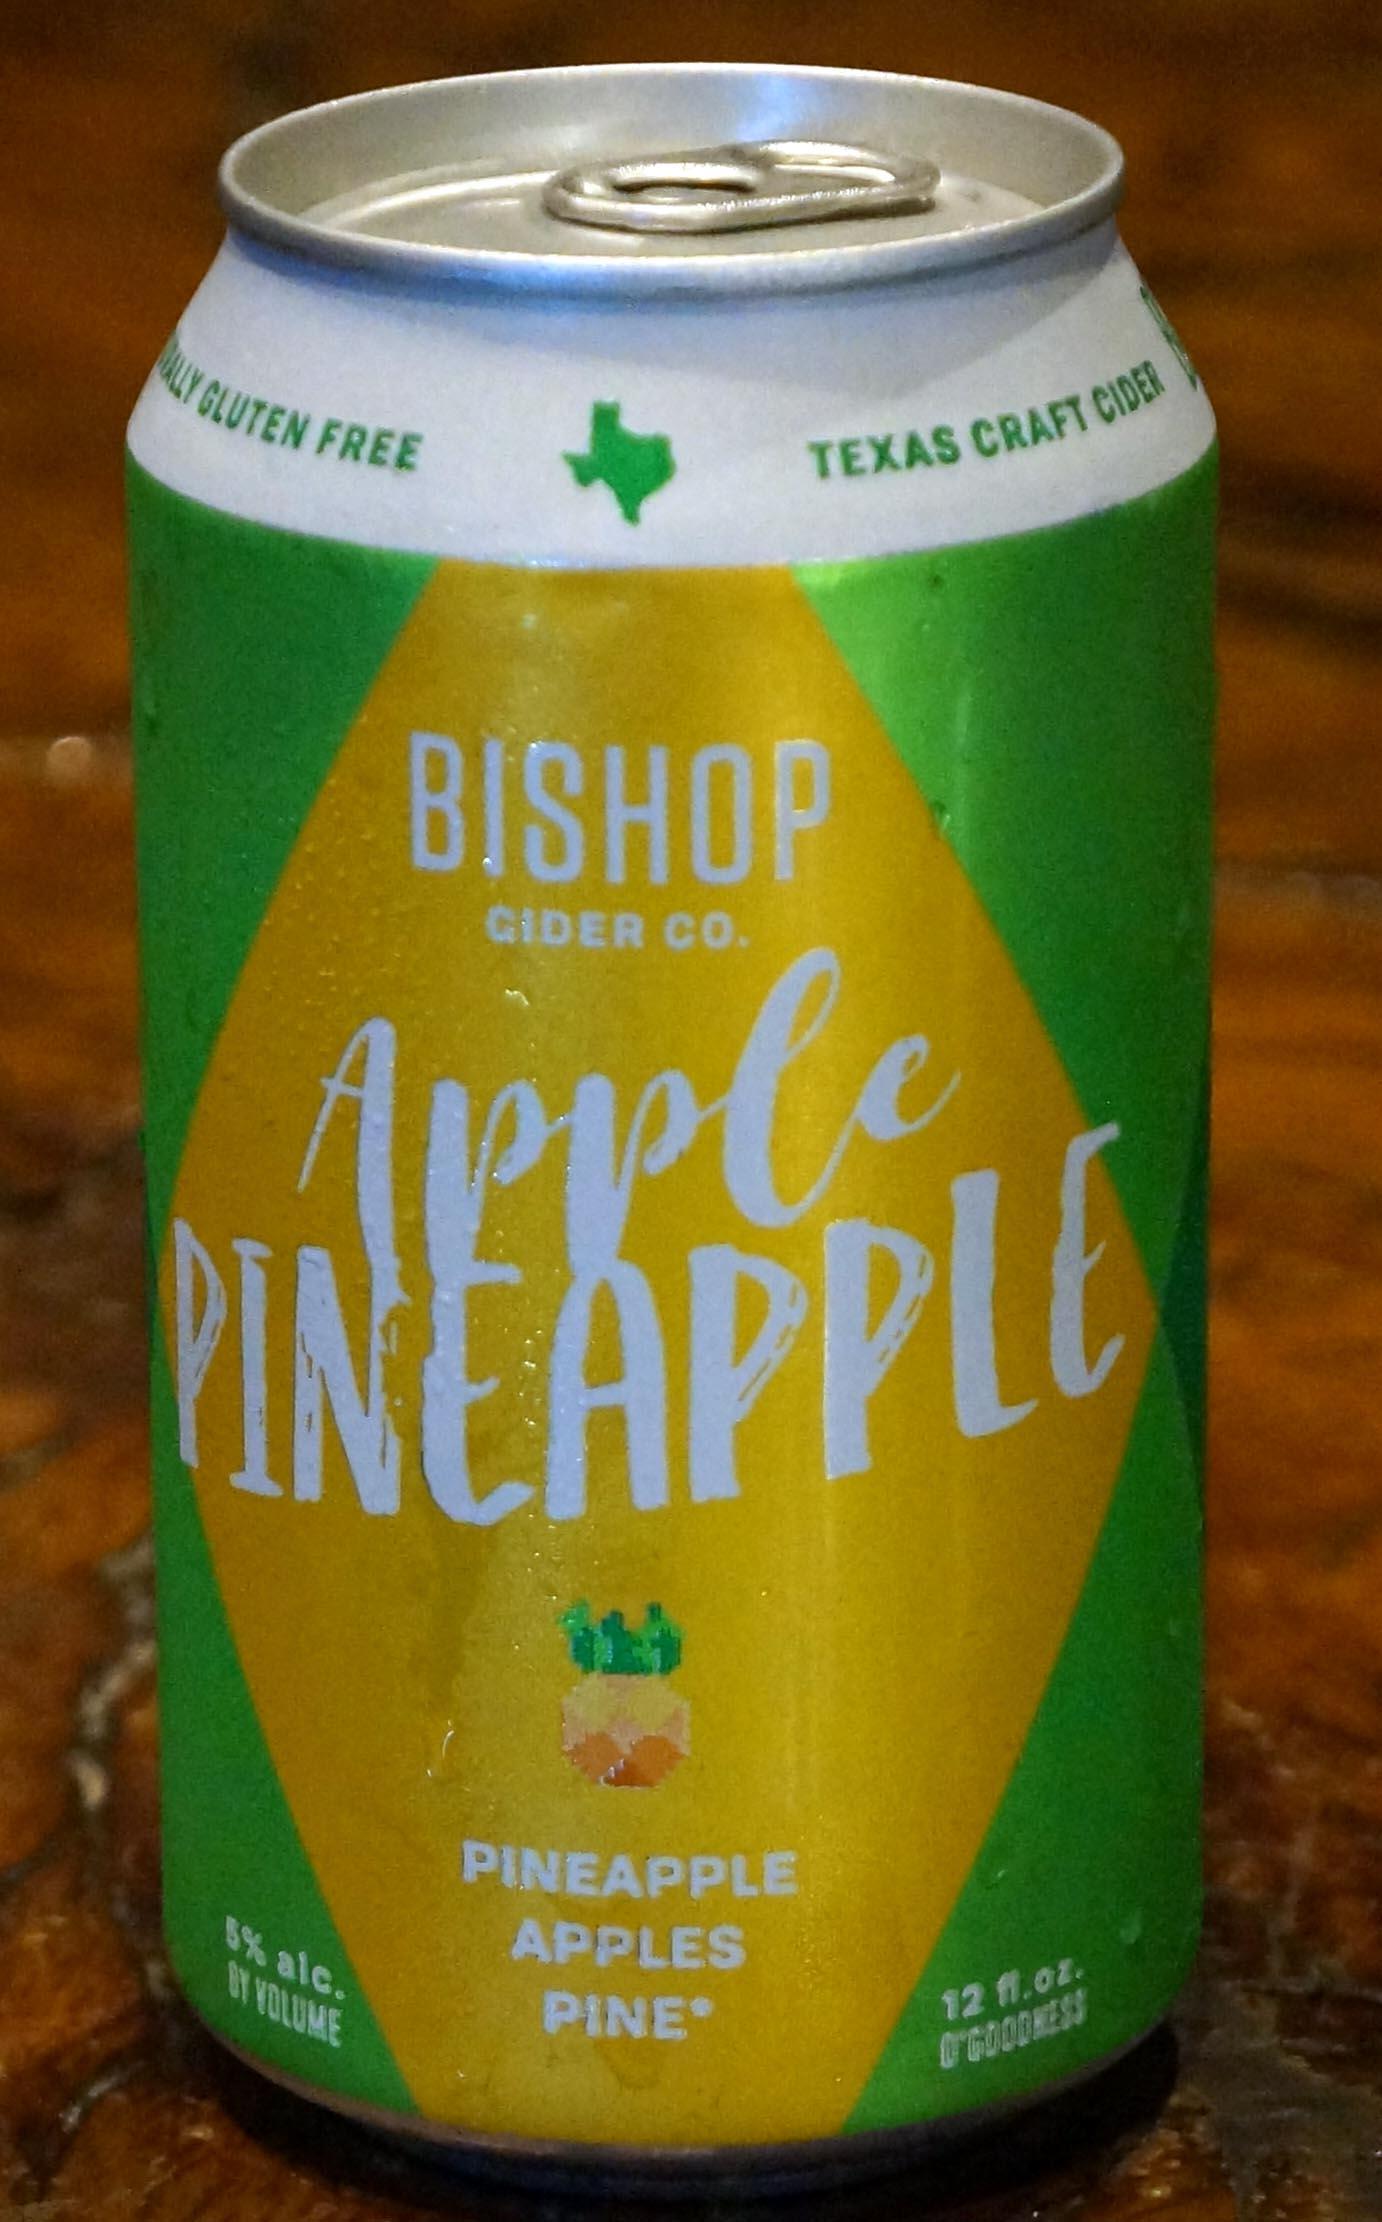 Cider_bishop_apple-pine.jpg